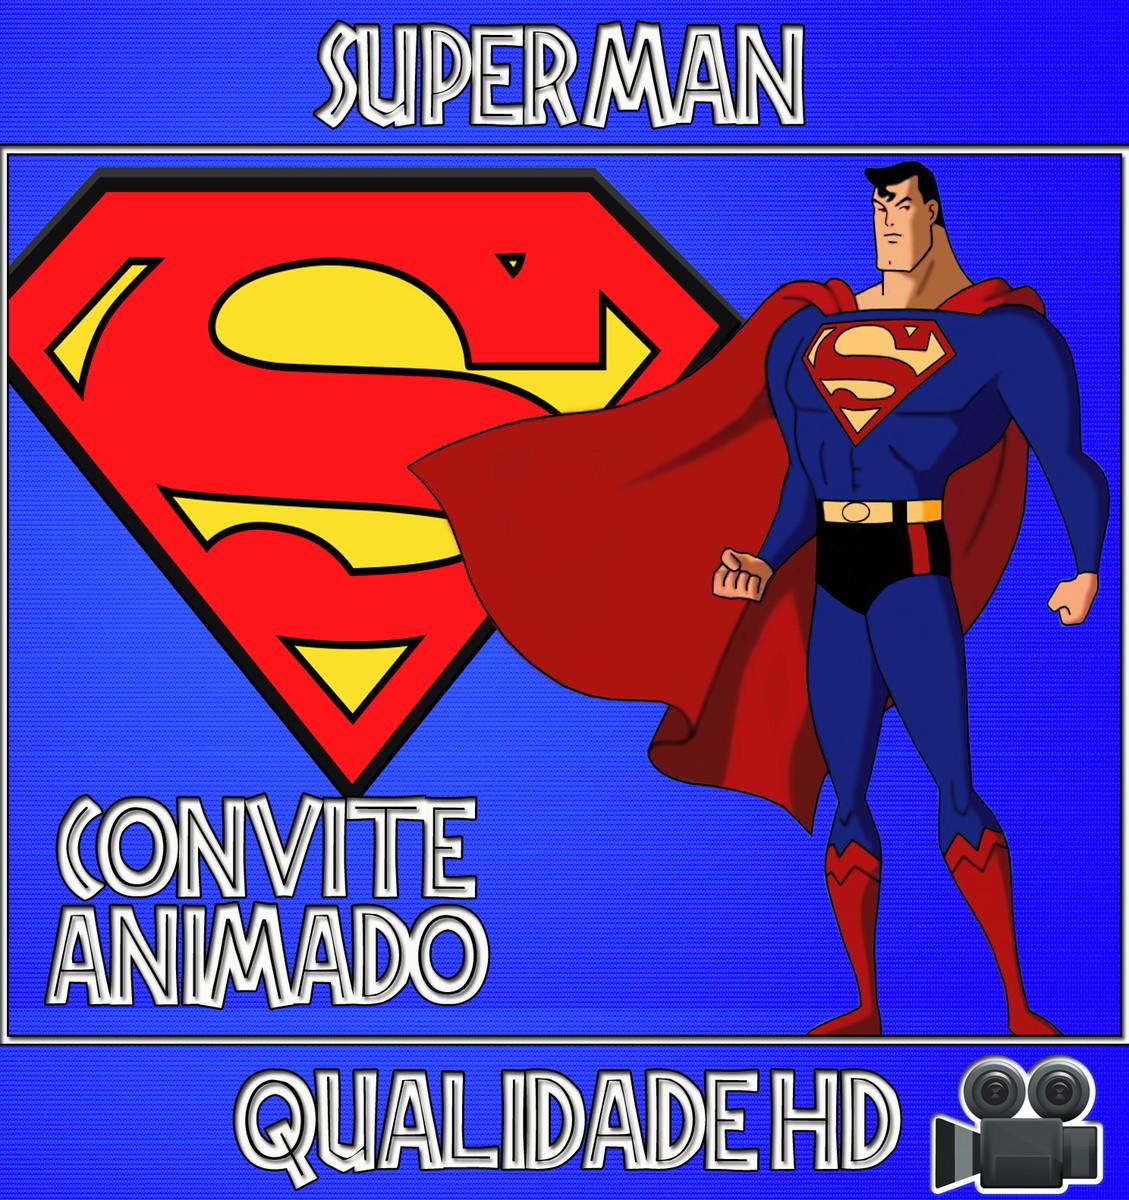 Convite Animado Vídeo Do Superman Super Homem No Elo7 Festa